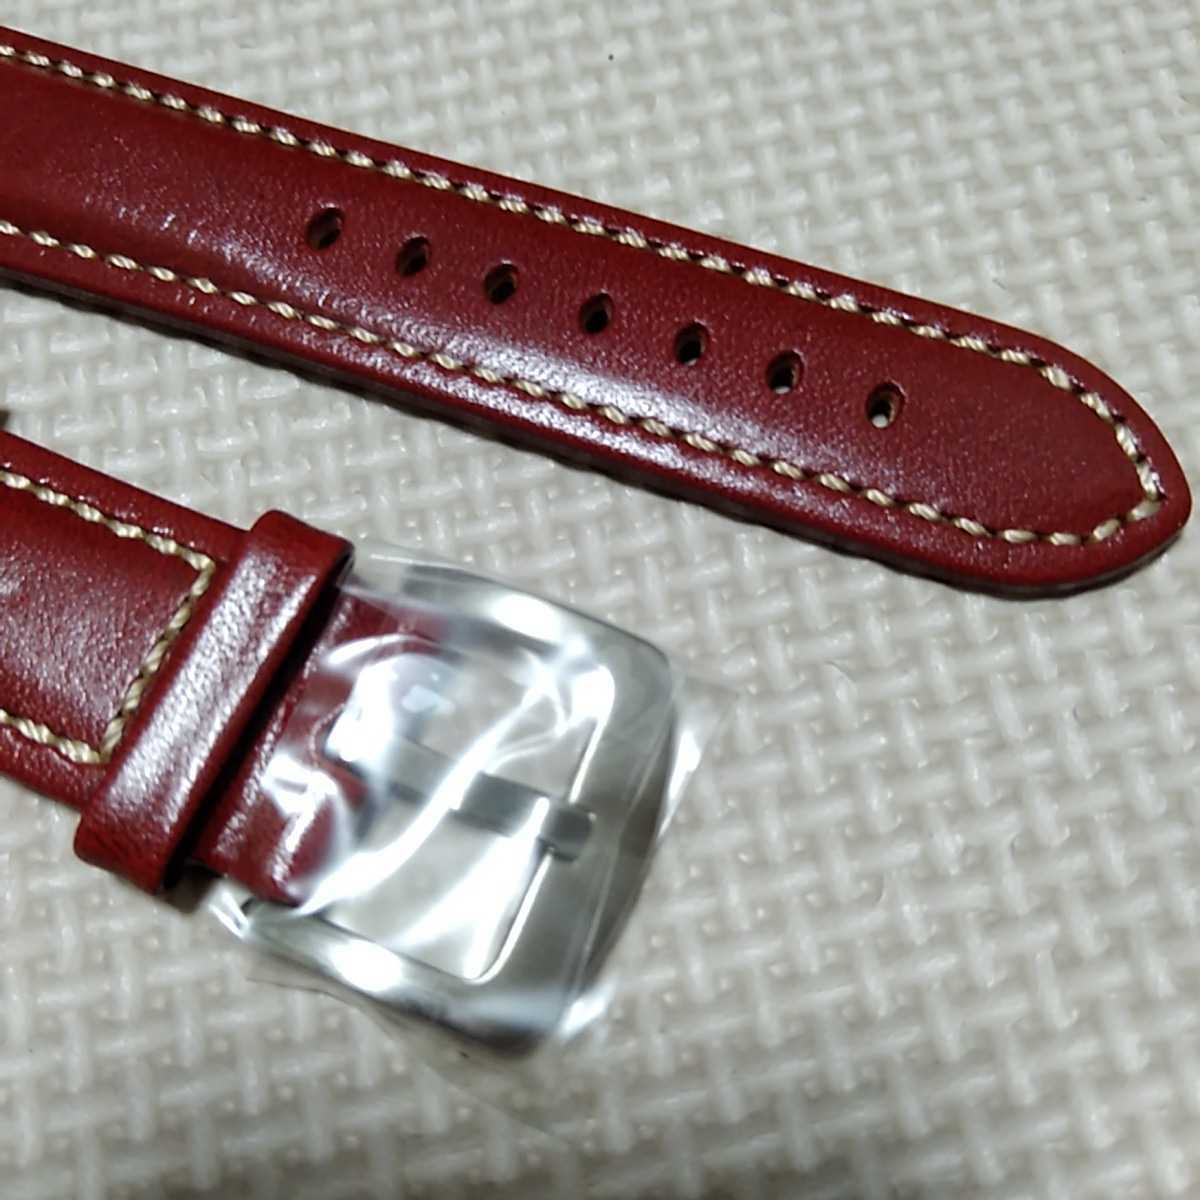 No33 ブンド BUND 本革レザーベルト 腕時計ベルト 交換用ストラップ レッド 22mm 未使用 送料無料 高品質 ドイツパイロット 空軍_画像5